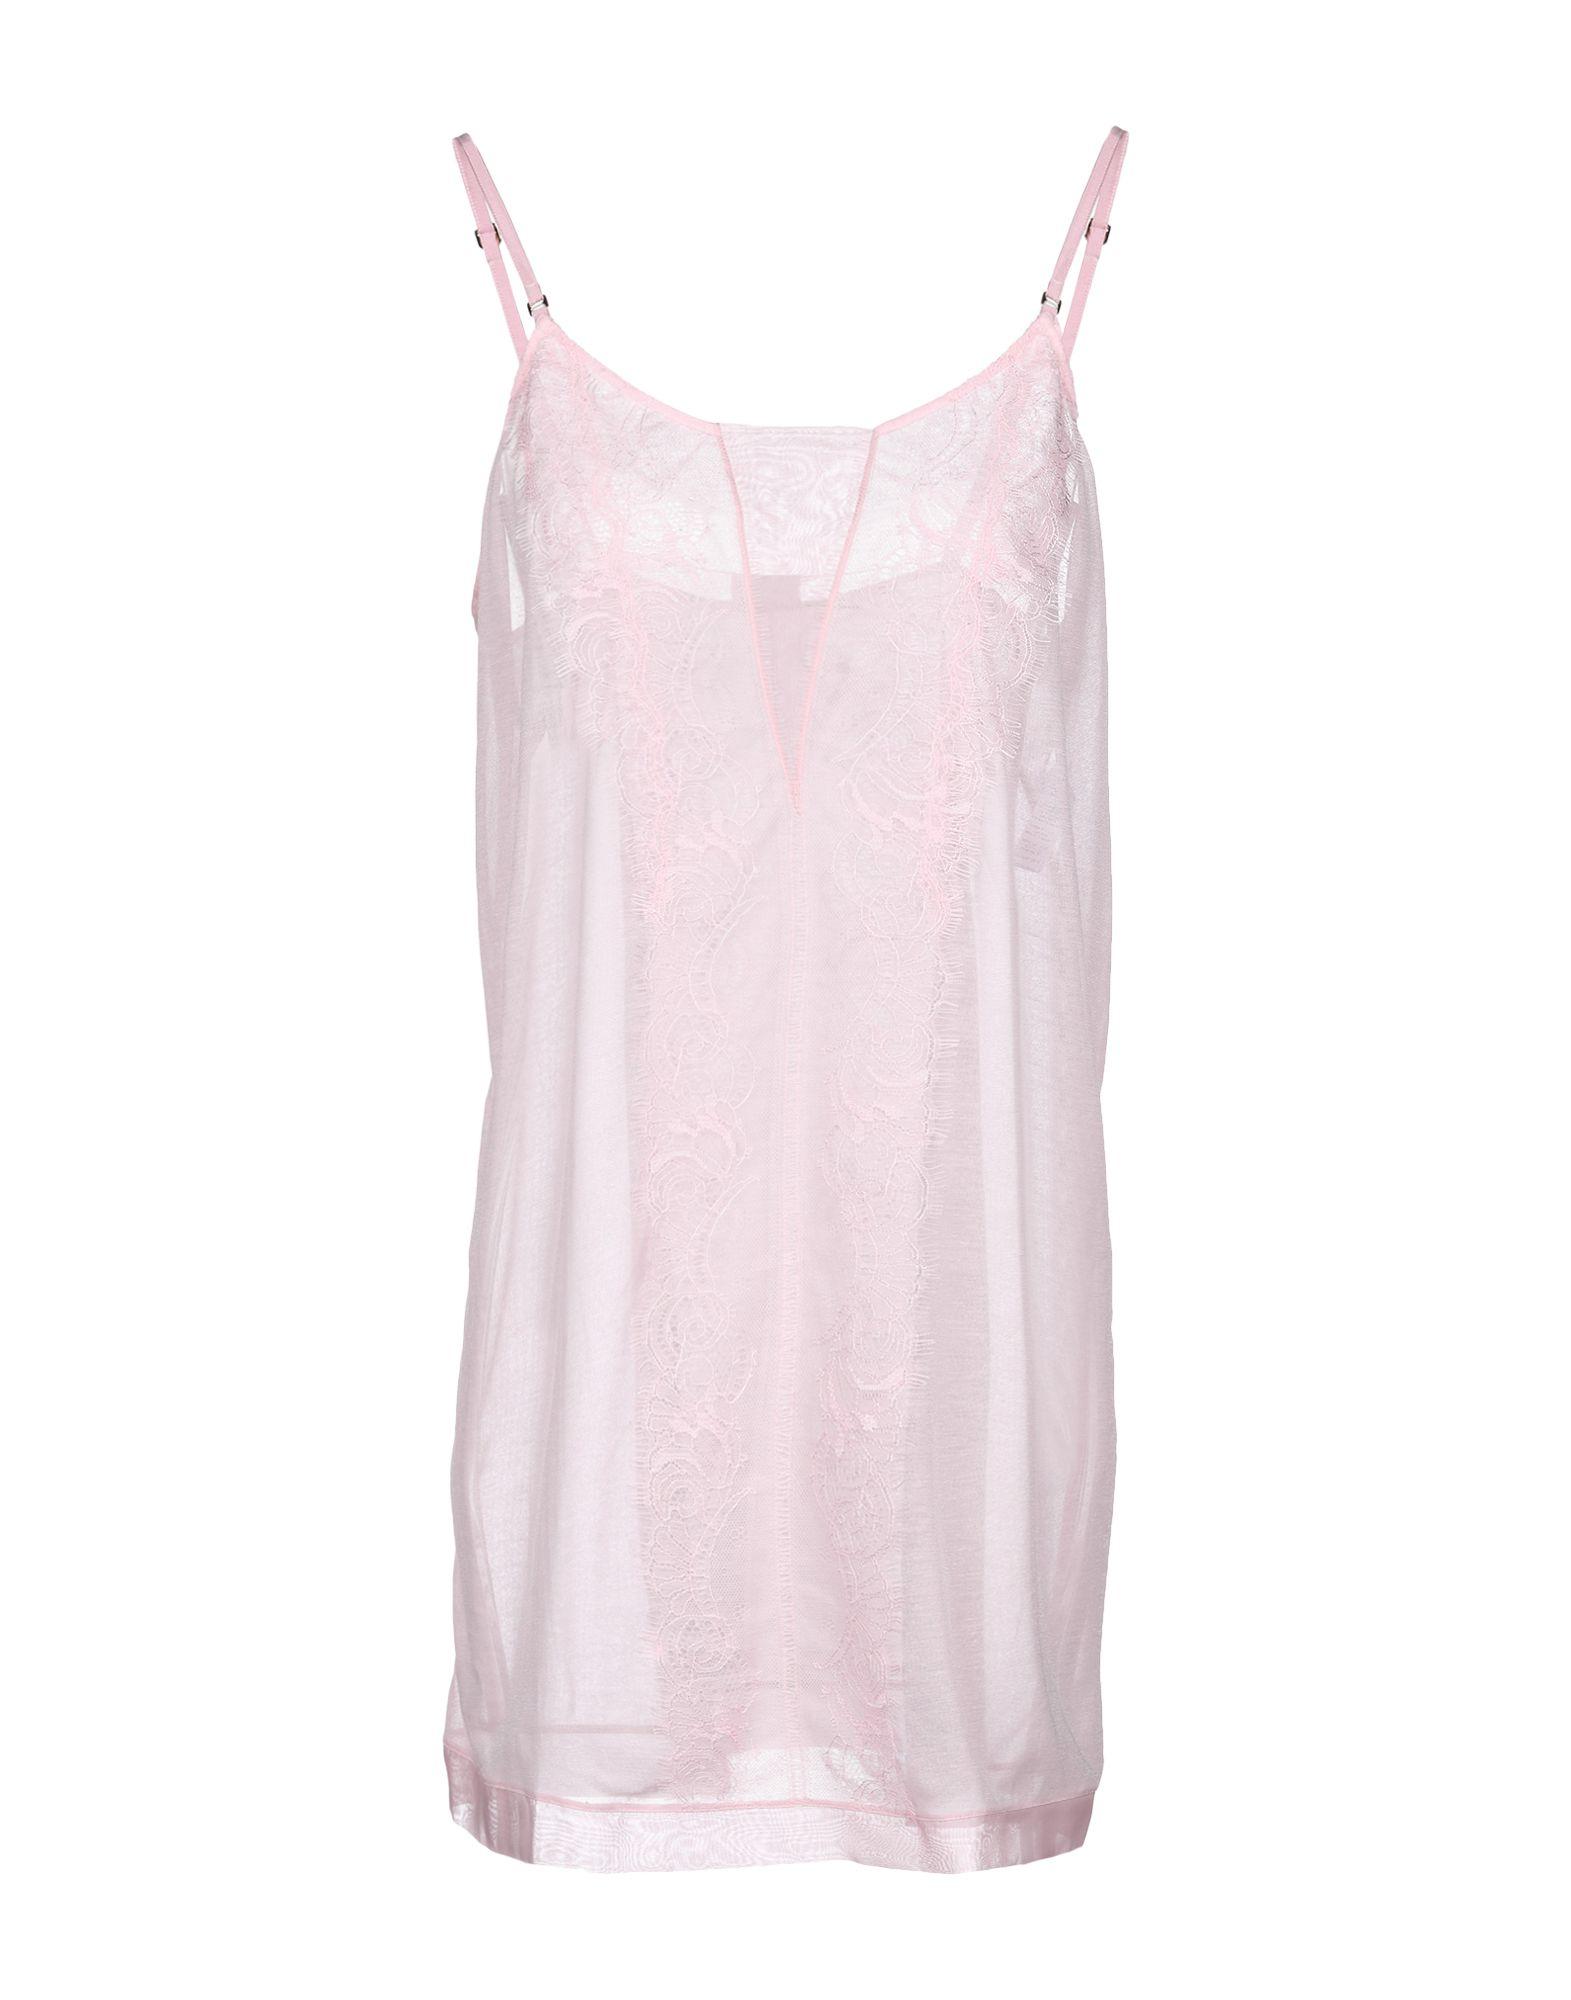 Slips in Light Pink